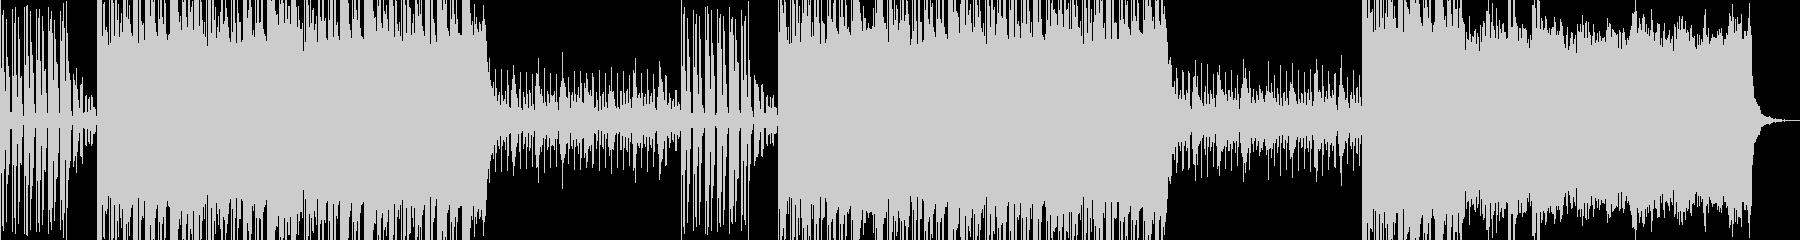 サンプルボイスを使用したストリート系楽曲の未再生の波形